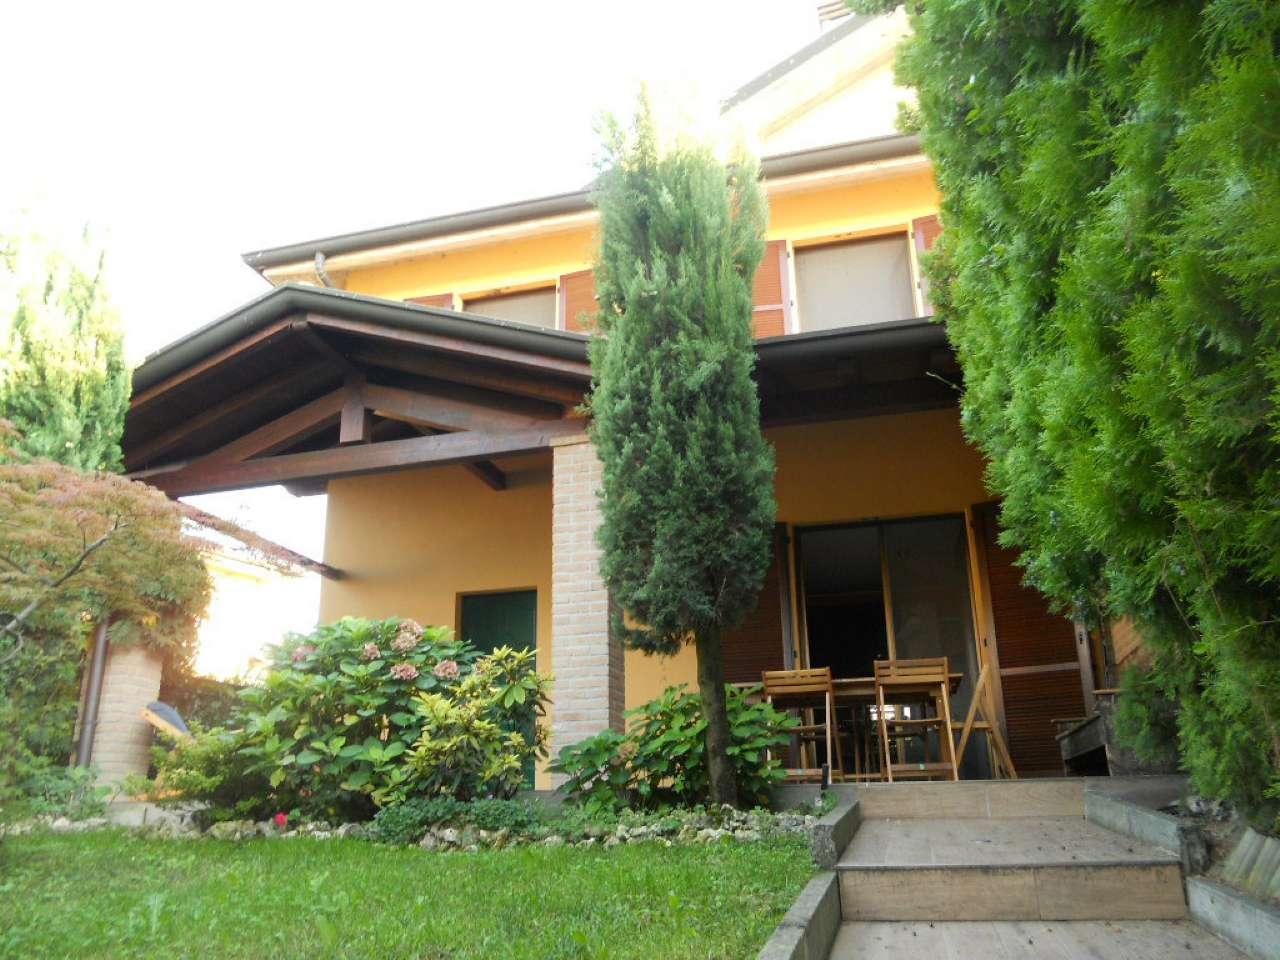 Villa Bifamiliare in vendita a Boffalora d'Adda, 7 locali, prezzo € 268.000 | CambioCasa.it